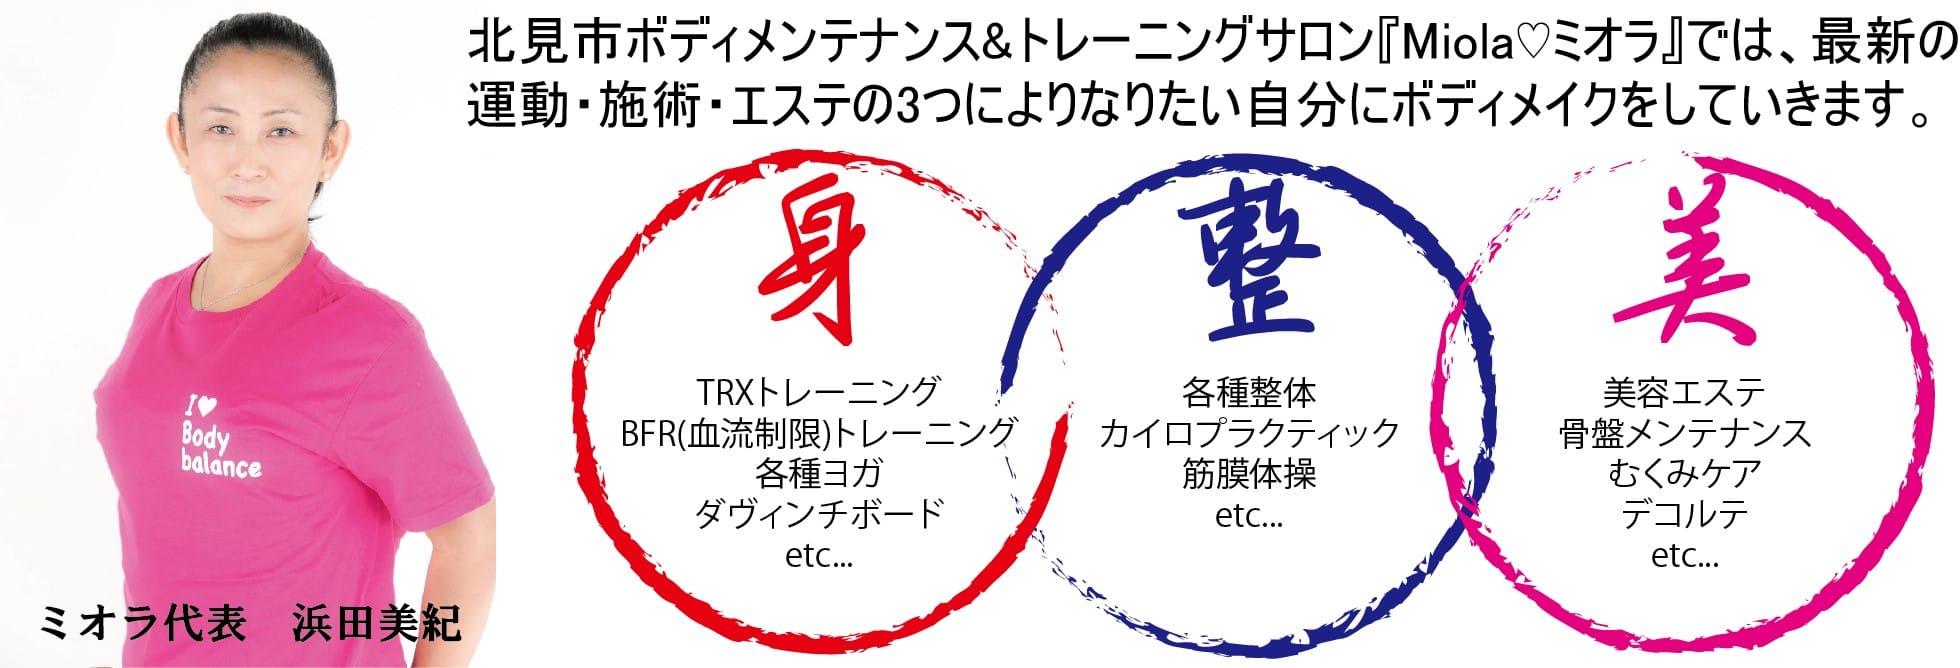 ボディメンテナンス&トレーニングサロン〜Miola〜 北海道北見市